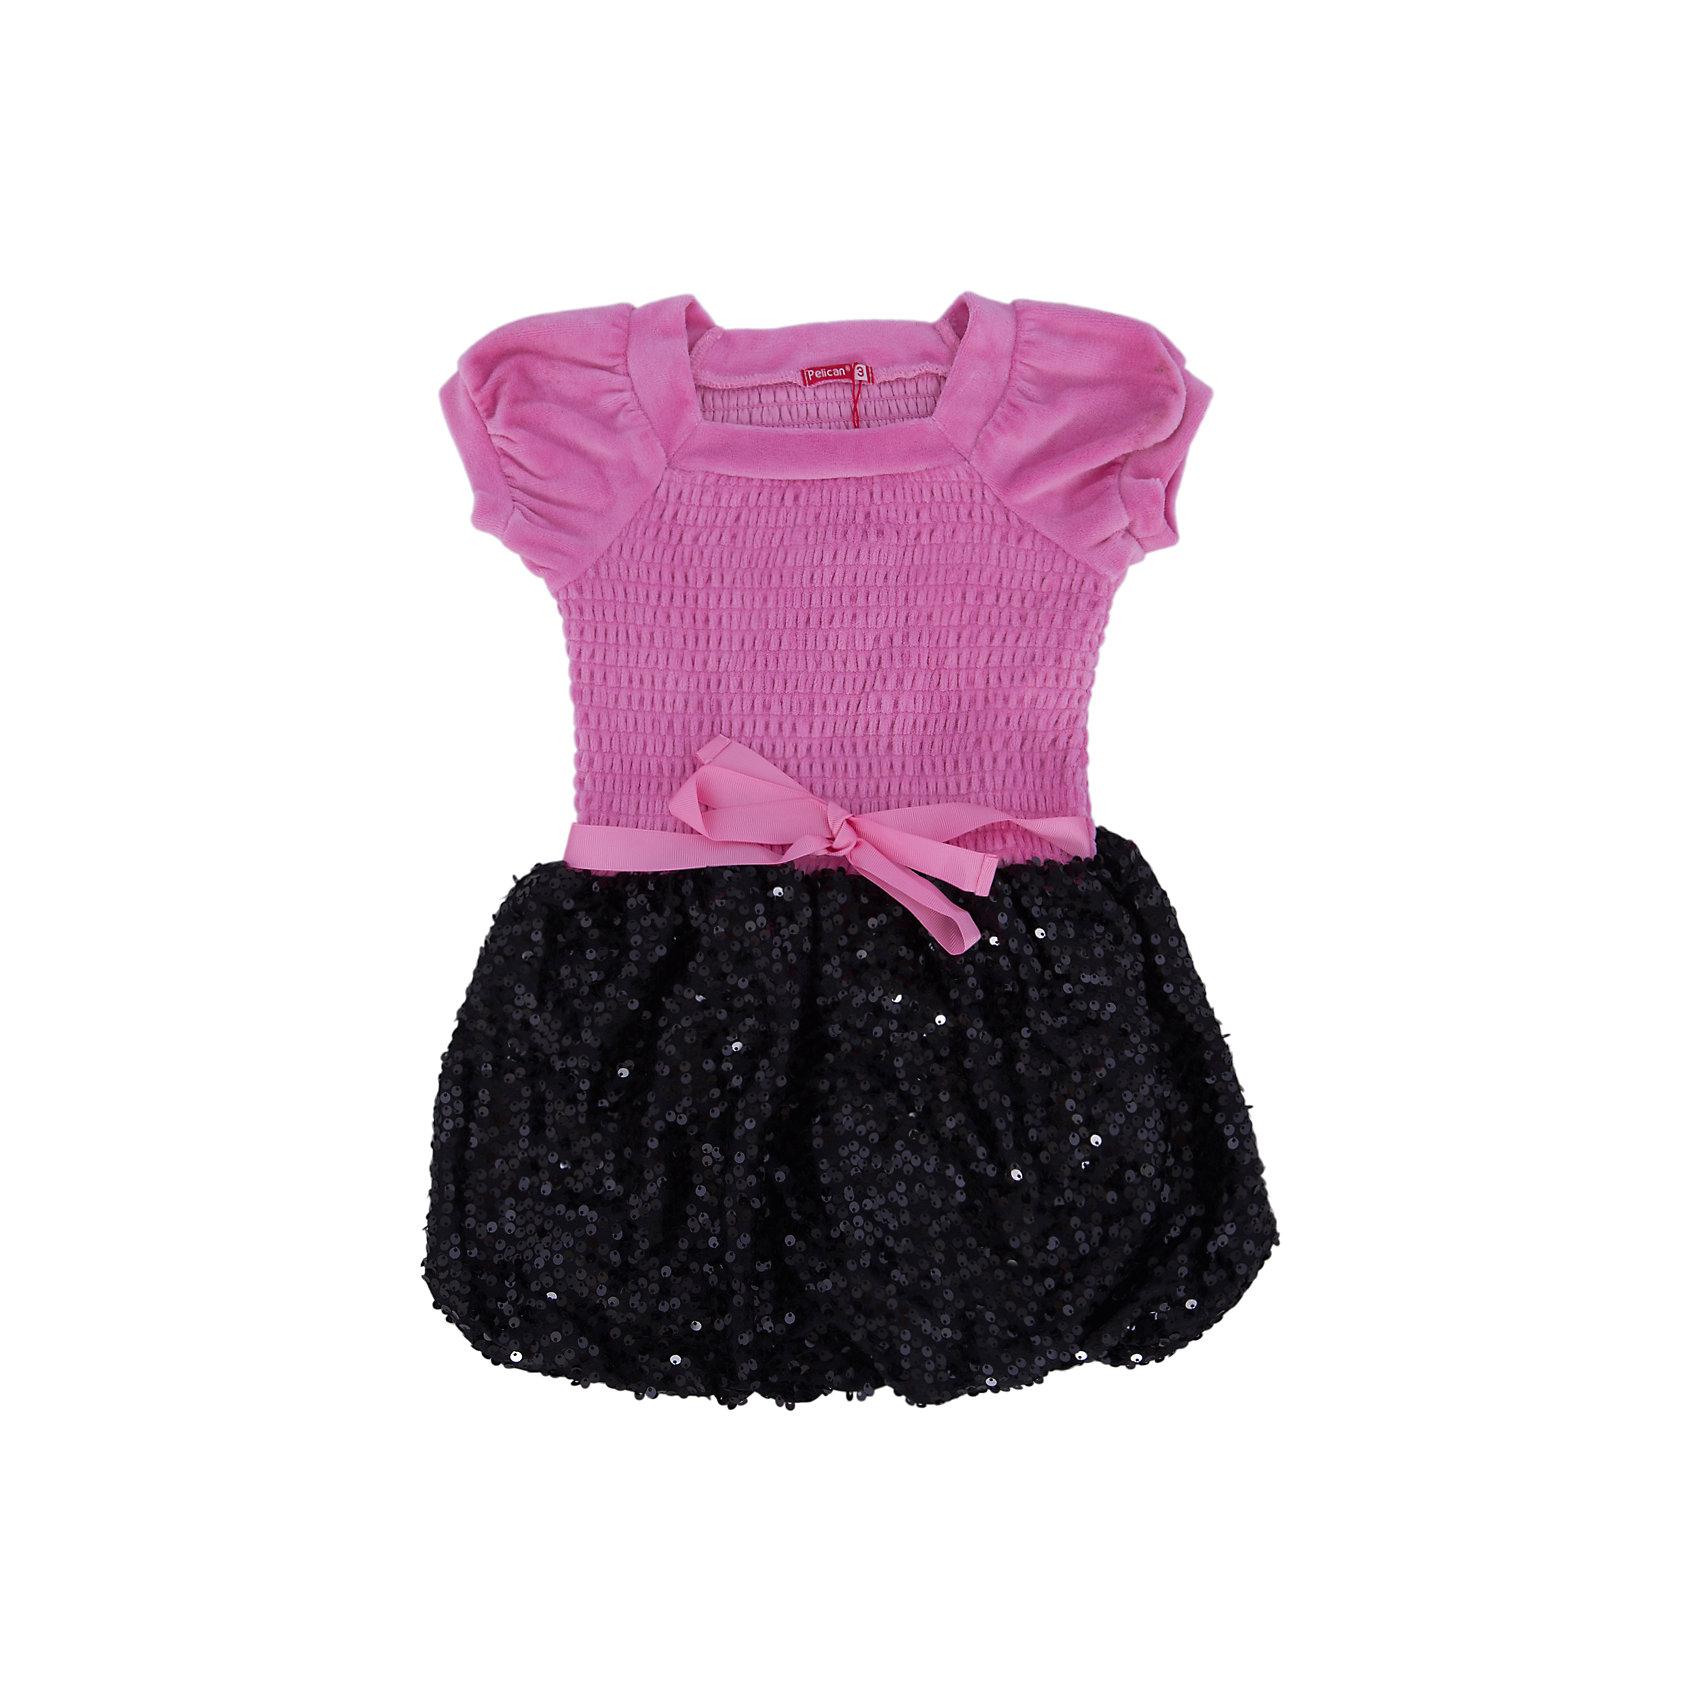 Платье для девочки PELICANМодное платье для девочки смотрится очень нарядно. Оно поможет разнообразить гардероб ребенка, создать подходящий погоде ансамбль. Удобный крой и качественный материал обеспечат ребенку комфорт при ношении этих вещей. <br>Верх платья сделан из приятного на ощупь велюра, низ - украшен блестящими пайетками. Мягкий легкий велюр, отлично подходит для детской одежды. Материал платья состоит преимущественно из дышащего натурального хлопка. <br><br>Дополнительная информация:<br><br>материал: 80% хлопок, 20% полиэстер, верх - 100% полиэстер (велюр);<br>цвет: розовый;<br>низ украшен пайетками.<br><br>Платье для девочки от бренда PELICAN (Пеликан) можно купить в нашем магазине.<br><br>Ширина мм: 236<br>Глубина мм: 16<br>Высота мм: 184<br>Вес г: 177<br>Цвет: розовый<br>Возраст от месяцев: 36<br>Возраст до месяцев: 48<br>Пол: Женский<br>Возраст: Детский<br>Размер: 104,110,98<br>SKU: 4804953